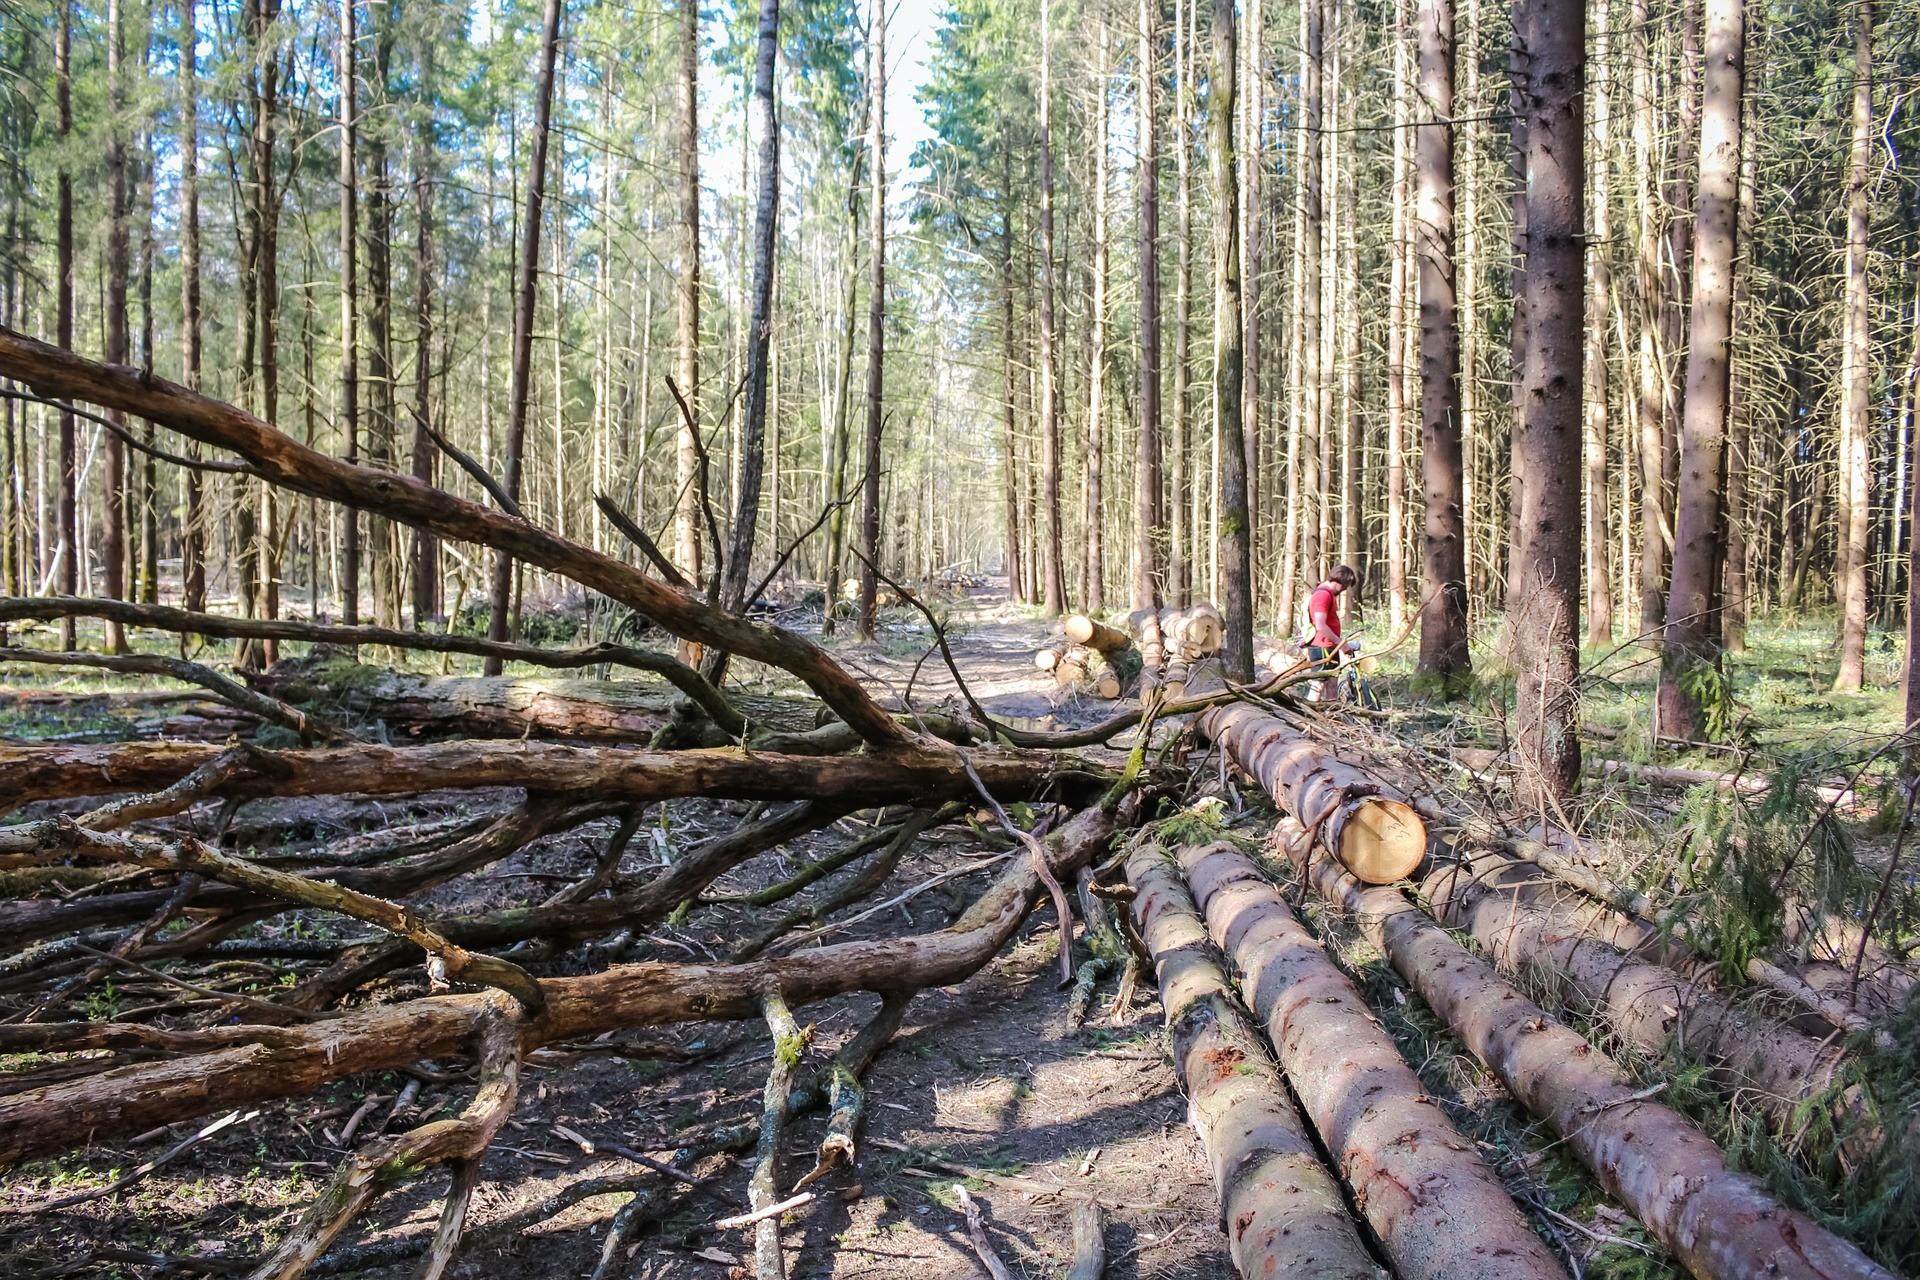 ▲拖樹木,砍伐樹木,砍樹,木材,大樹,木頭 。(圖/取自免費圖庫Pixabay)